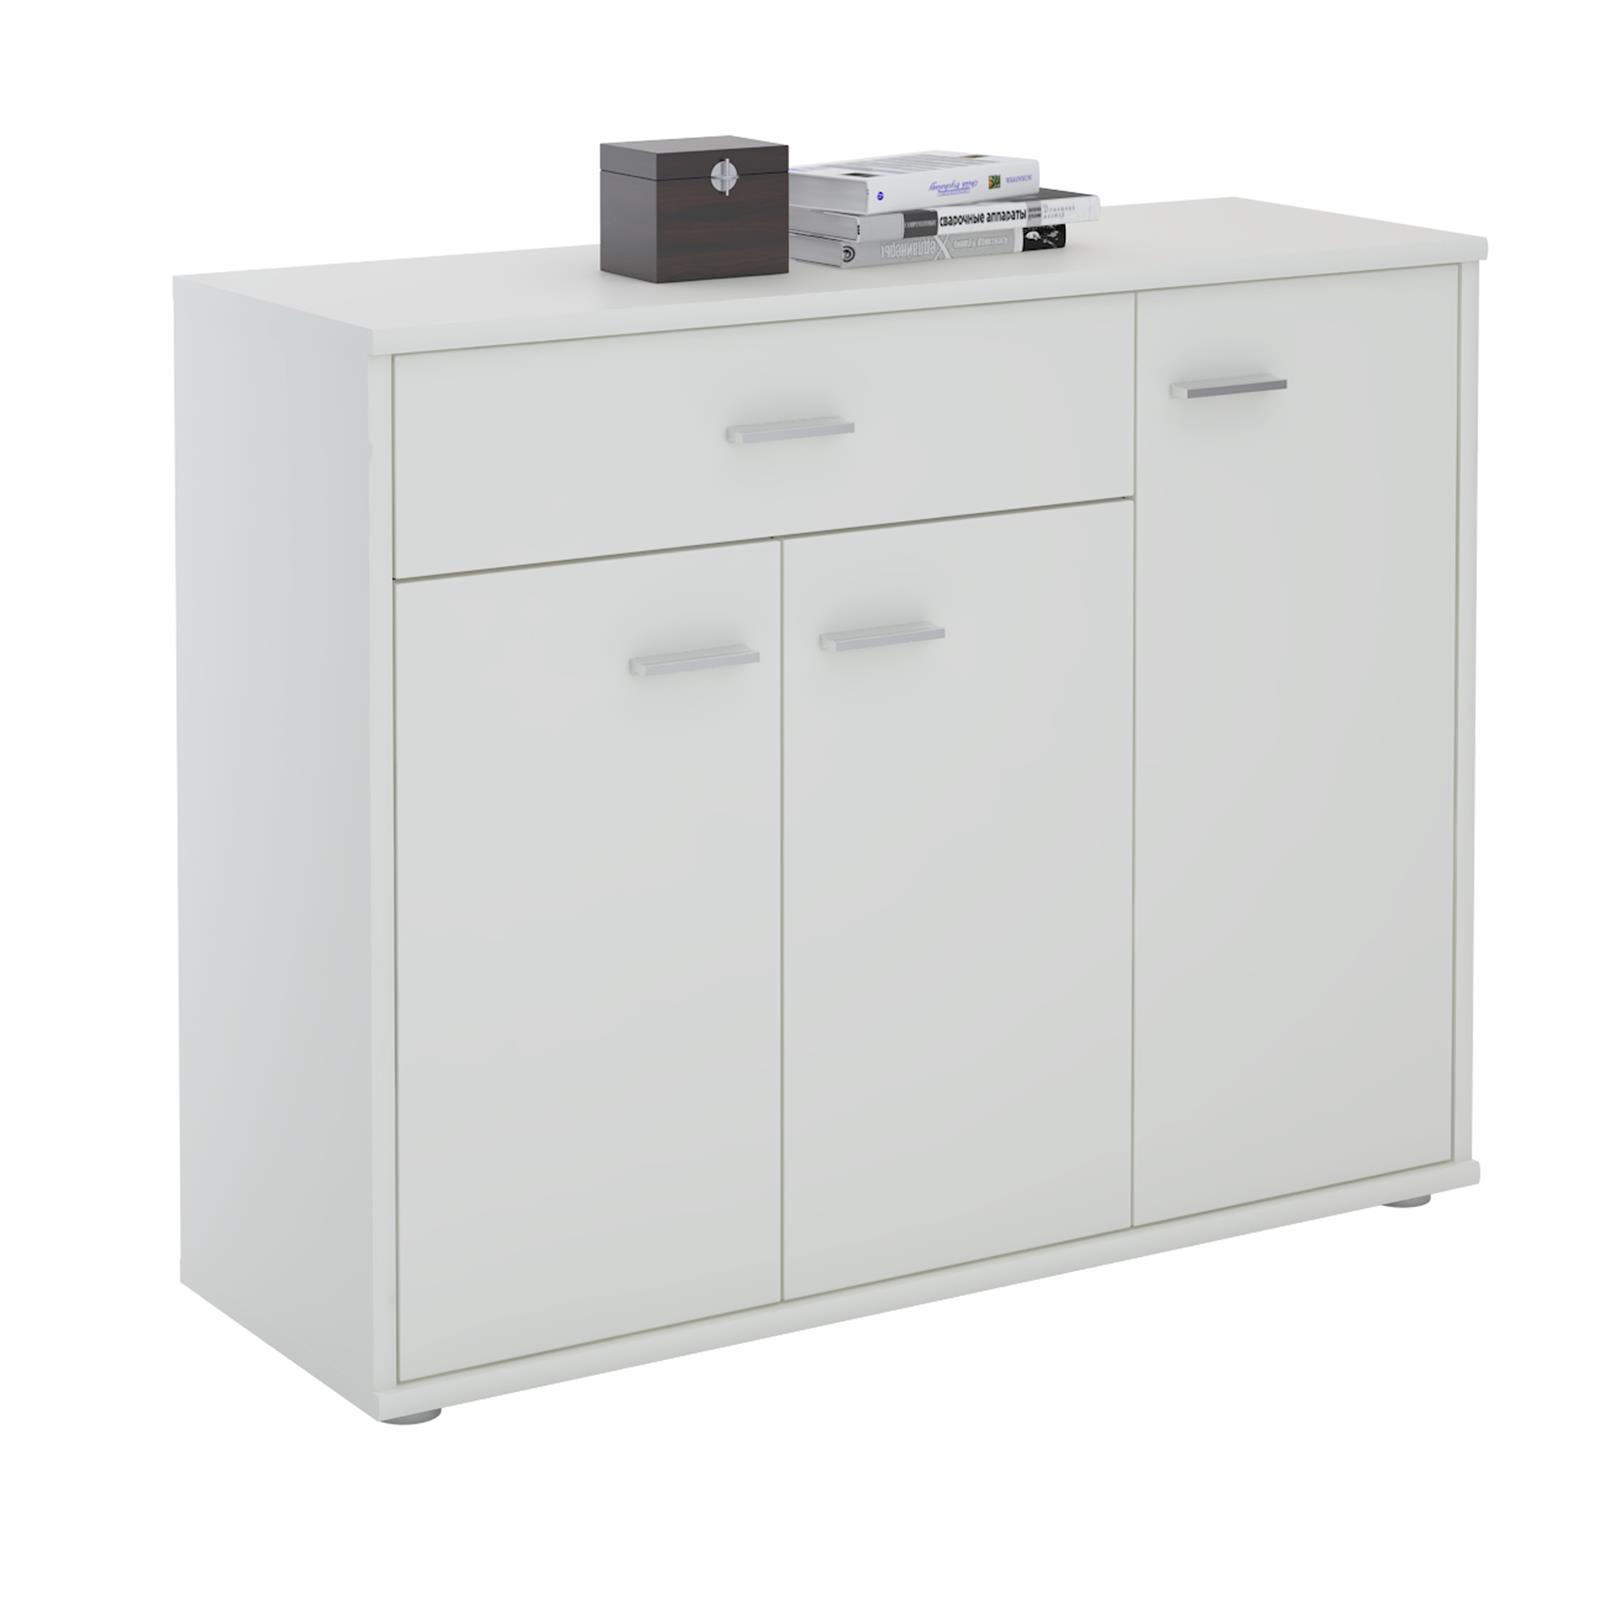 Kommode ESTELLE mit 3 Türen, 1 Schublade in weiß günstig online kaufen